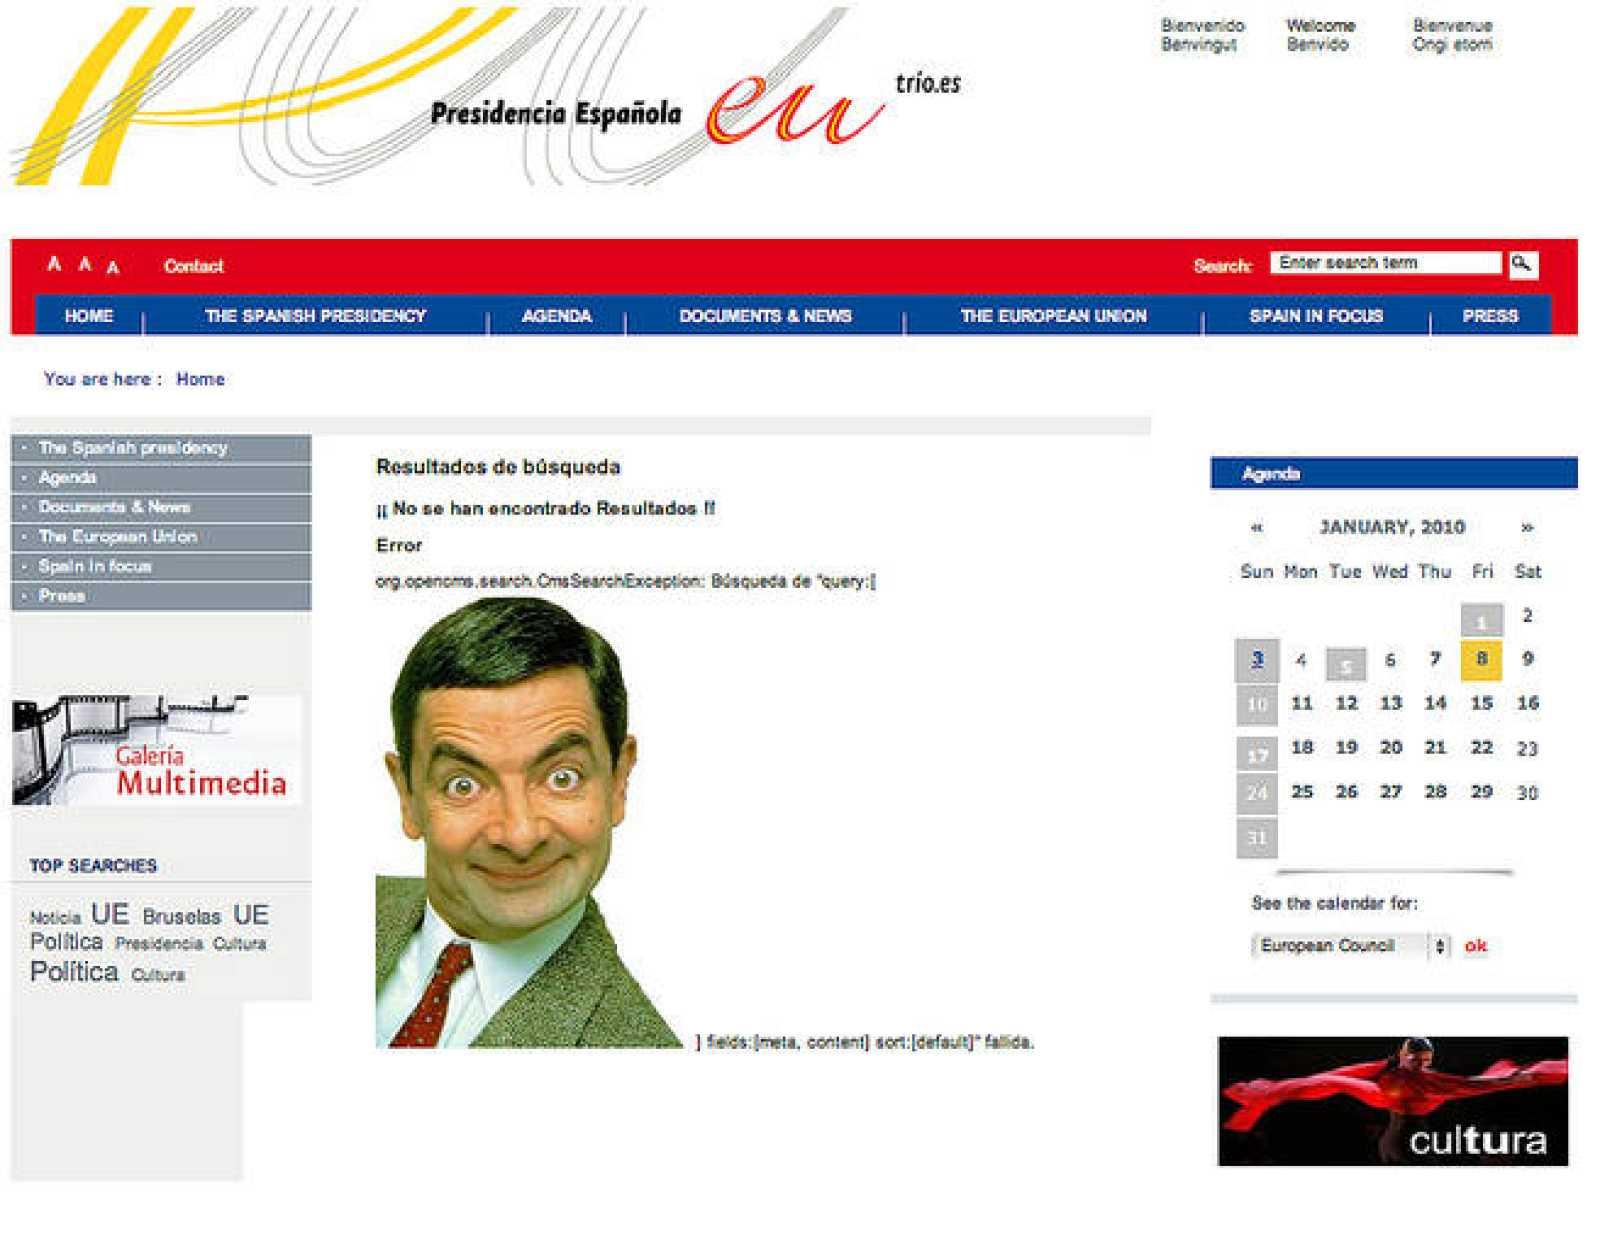 Las redes sociales se han hecho eco del ataque a la web de la presidencia española de la UE, donde han colgado una foto de Mr. Bean.